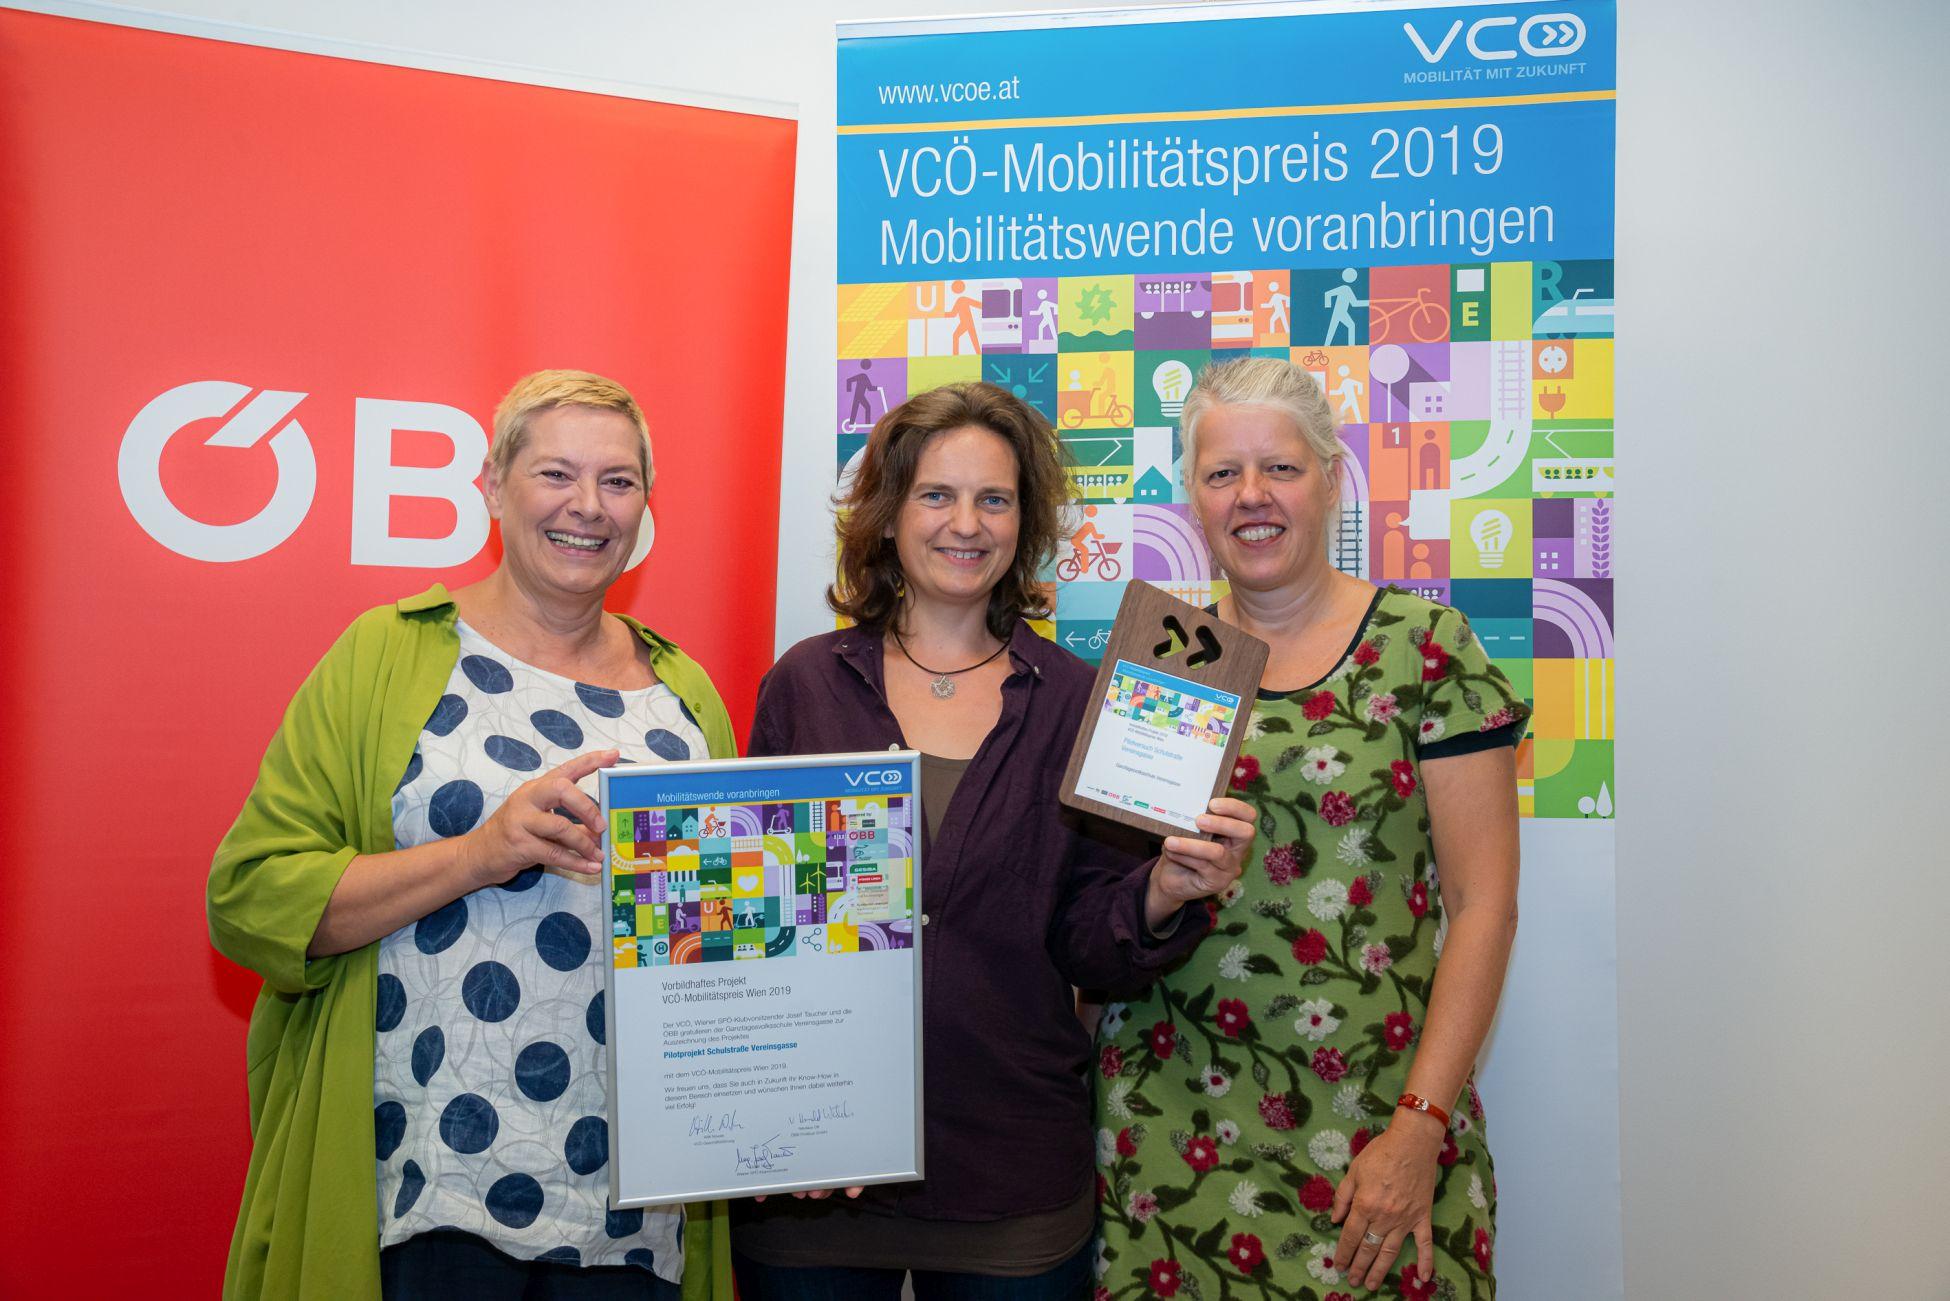 Preisverleihung des VCÖ Mobilitätspreis Wien. Ausgezeichnet wurde die Schulstraße Vereinsgasse. Direktorin Gabi Lener, Bezirksvorsteherin Uschi Lichtenegger und FußgängerInnen-Beauftragte Petra Jens nahmen den Preis entgegen.